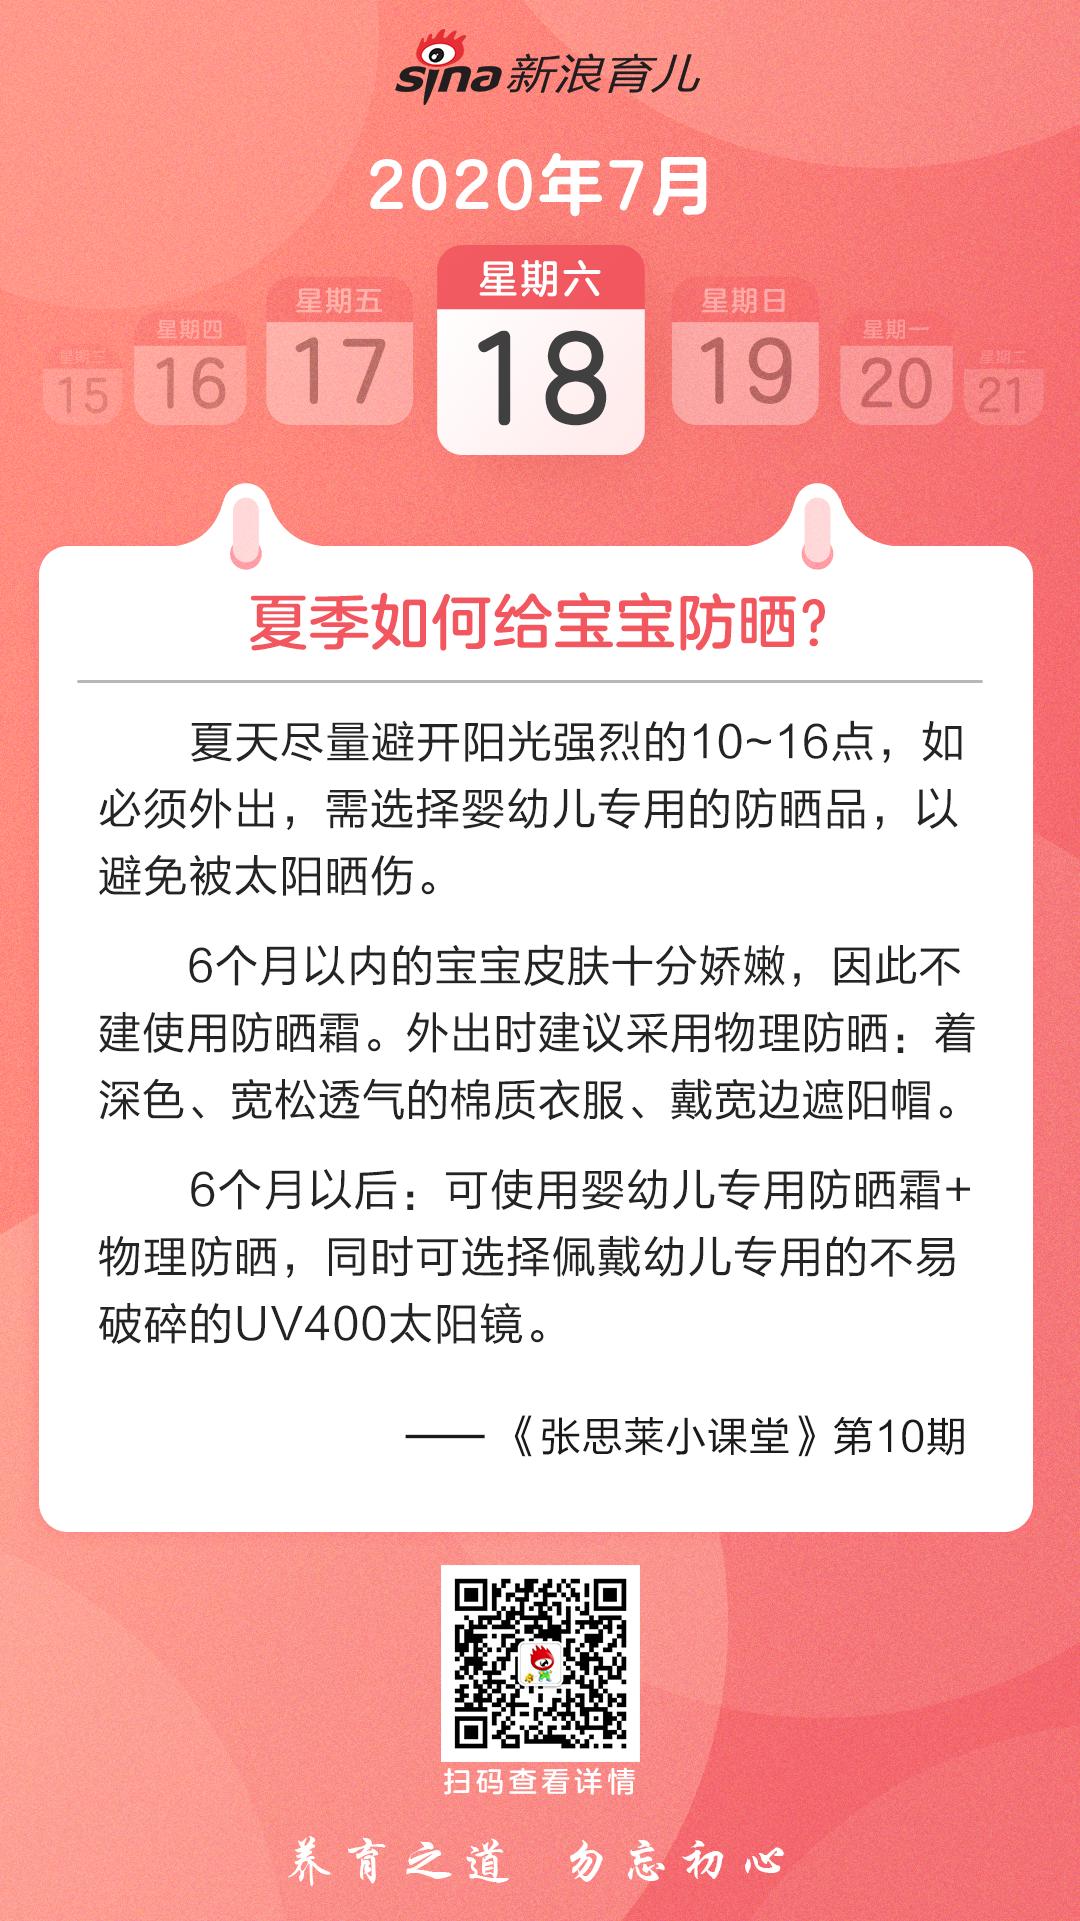 【育儿日历】夏季如何给宝宝防晒?